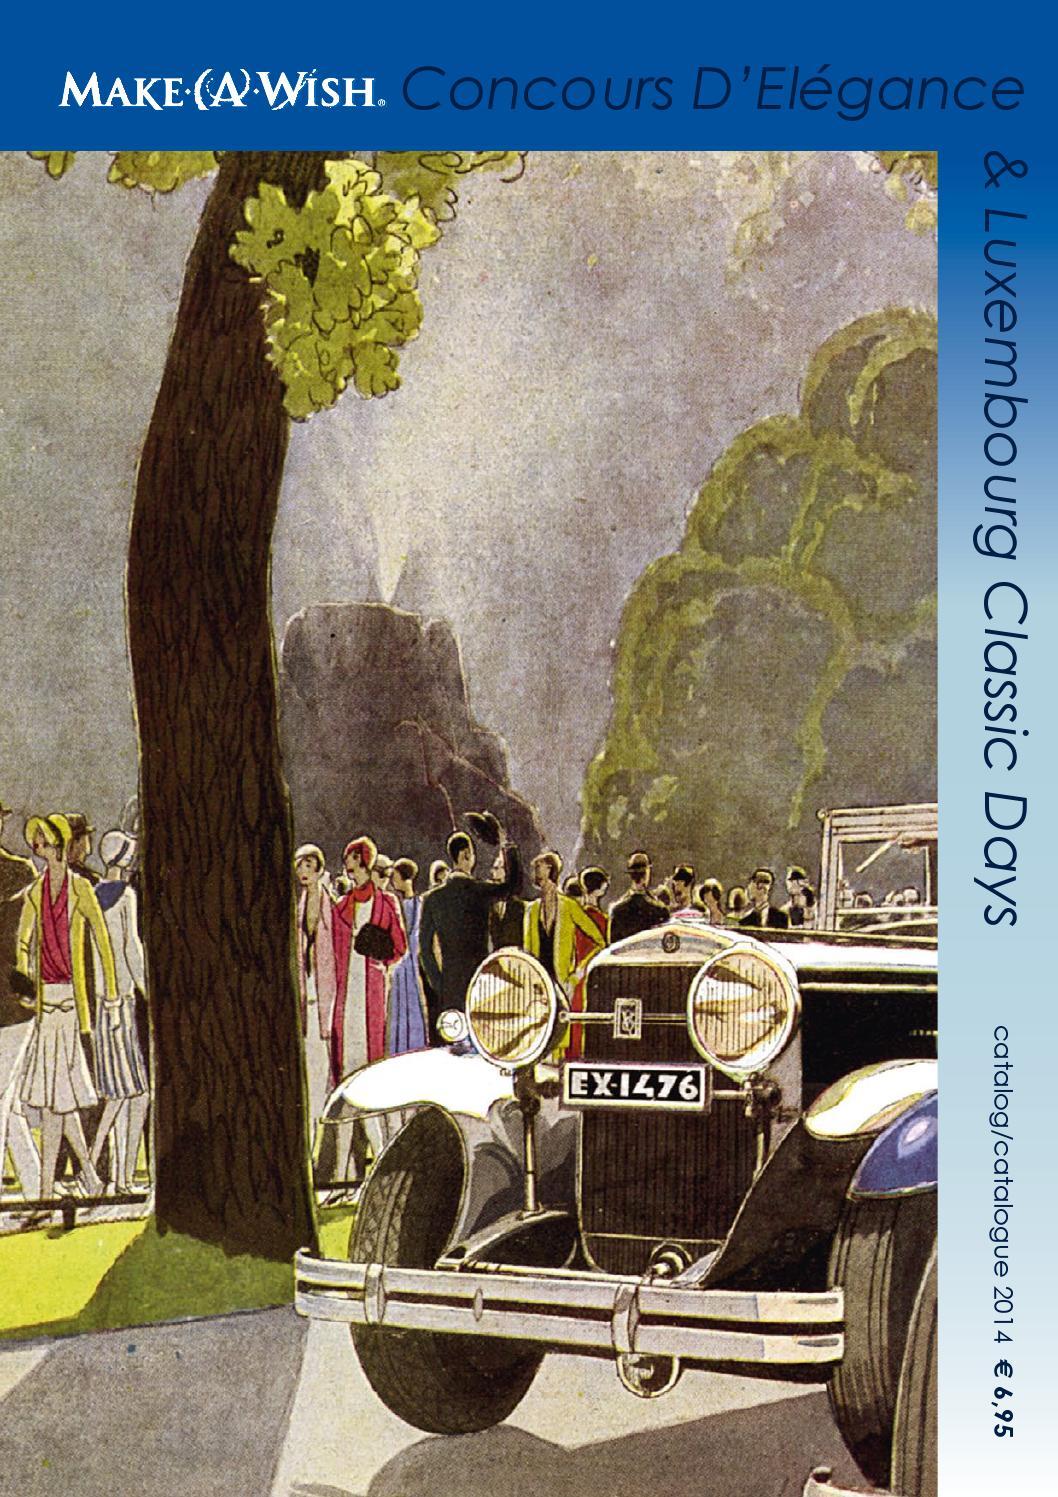 VOLKSWAGEN GTI SUPERSPORT VISION GRANTURISMO CONCEPT Car Poster Poster 0041